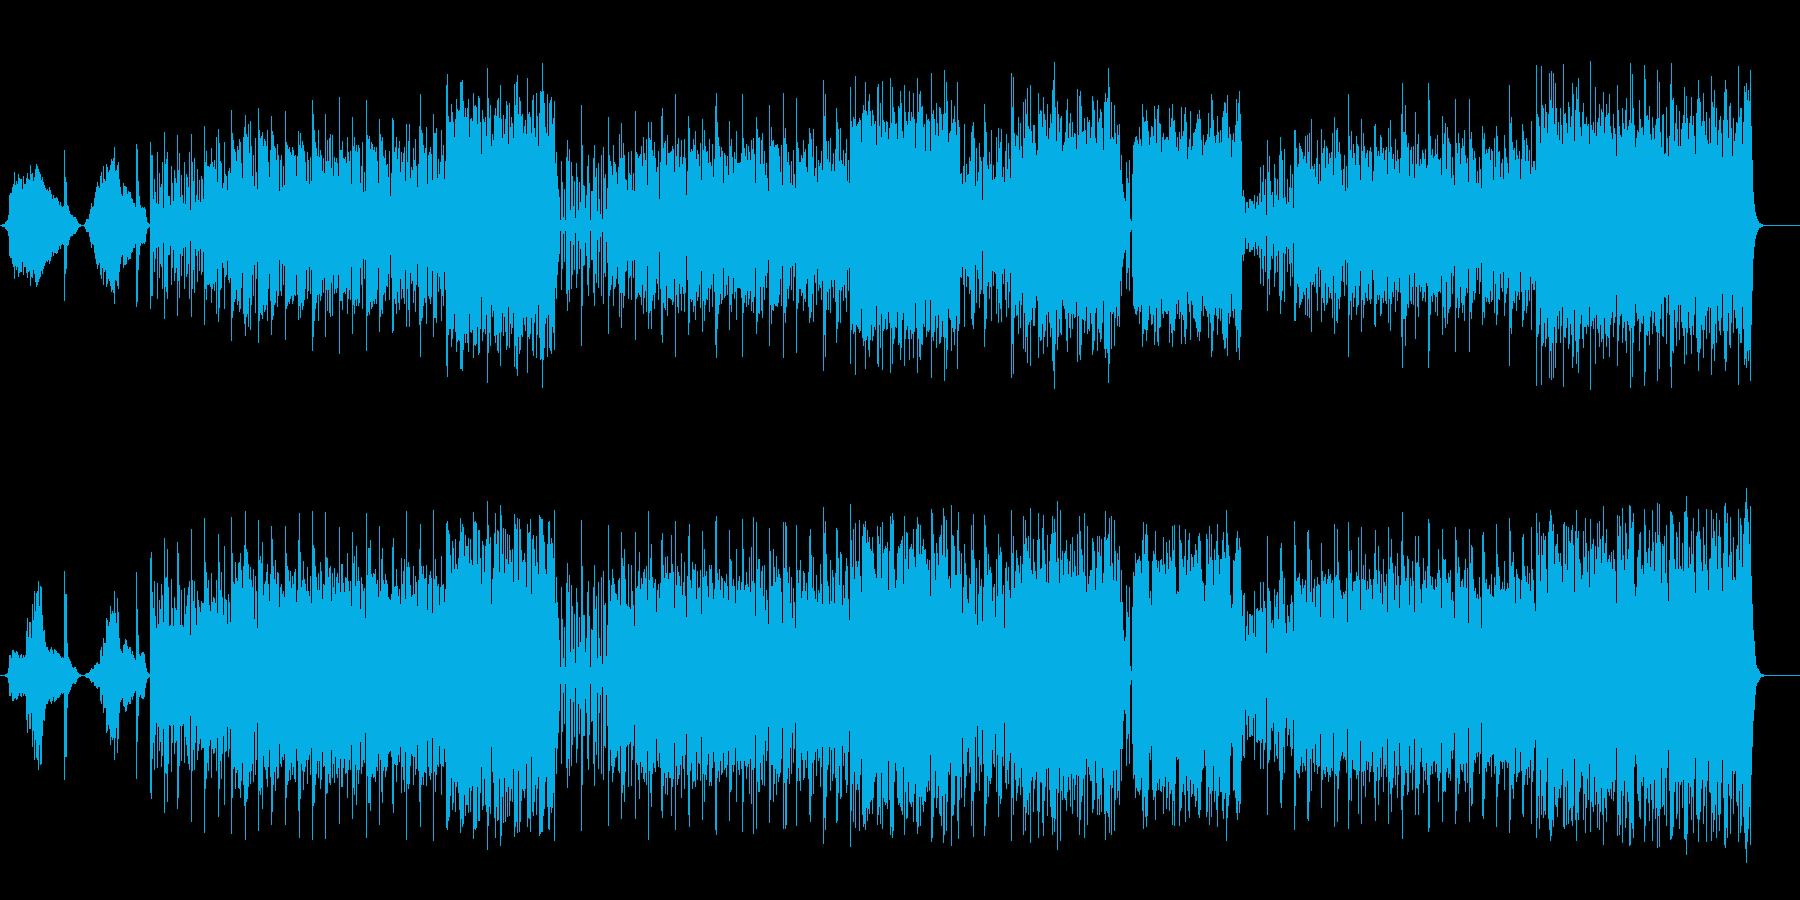 中央アジア高原地方風サウンドの再生済みの波形